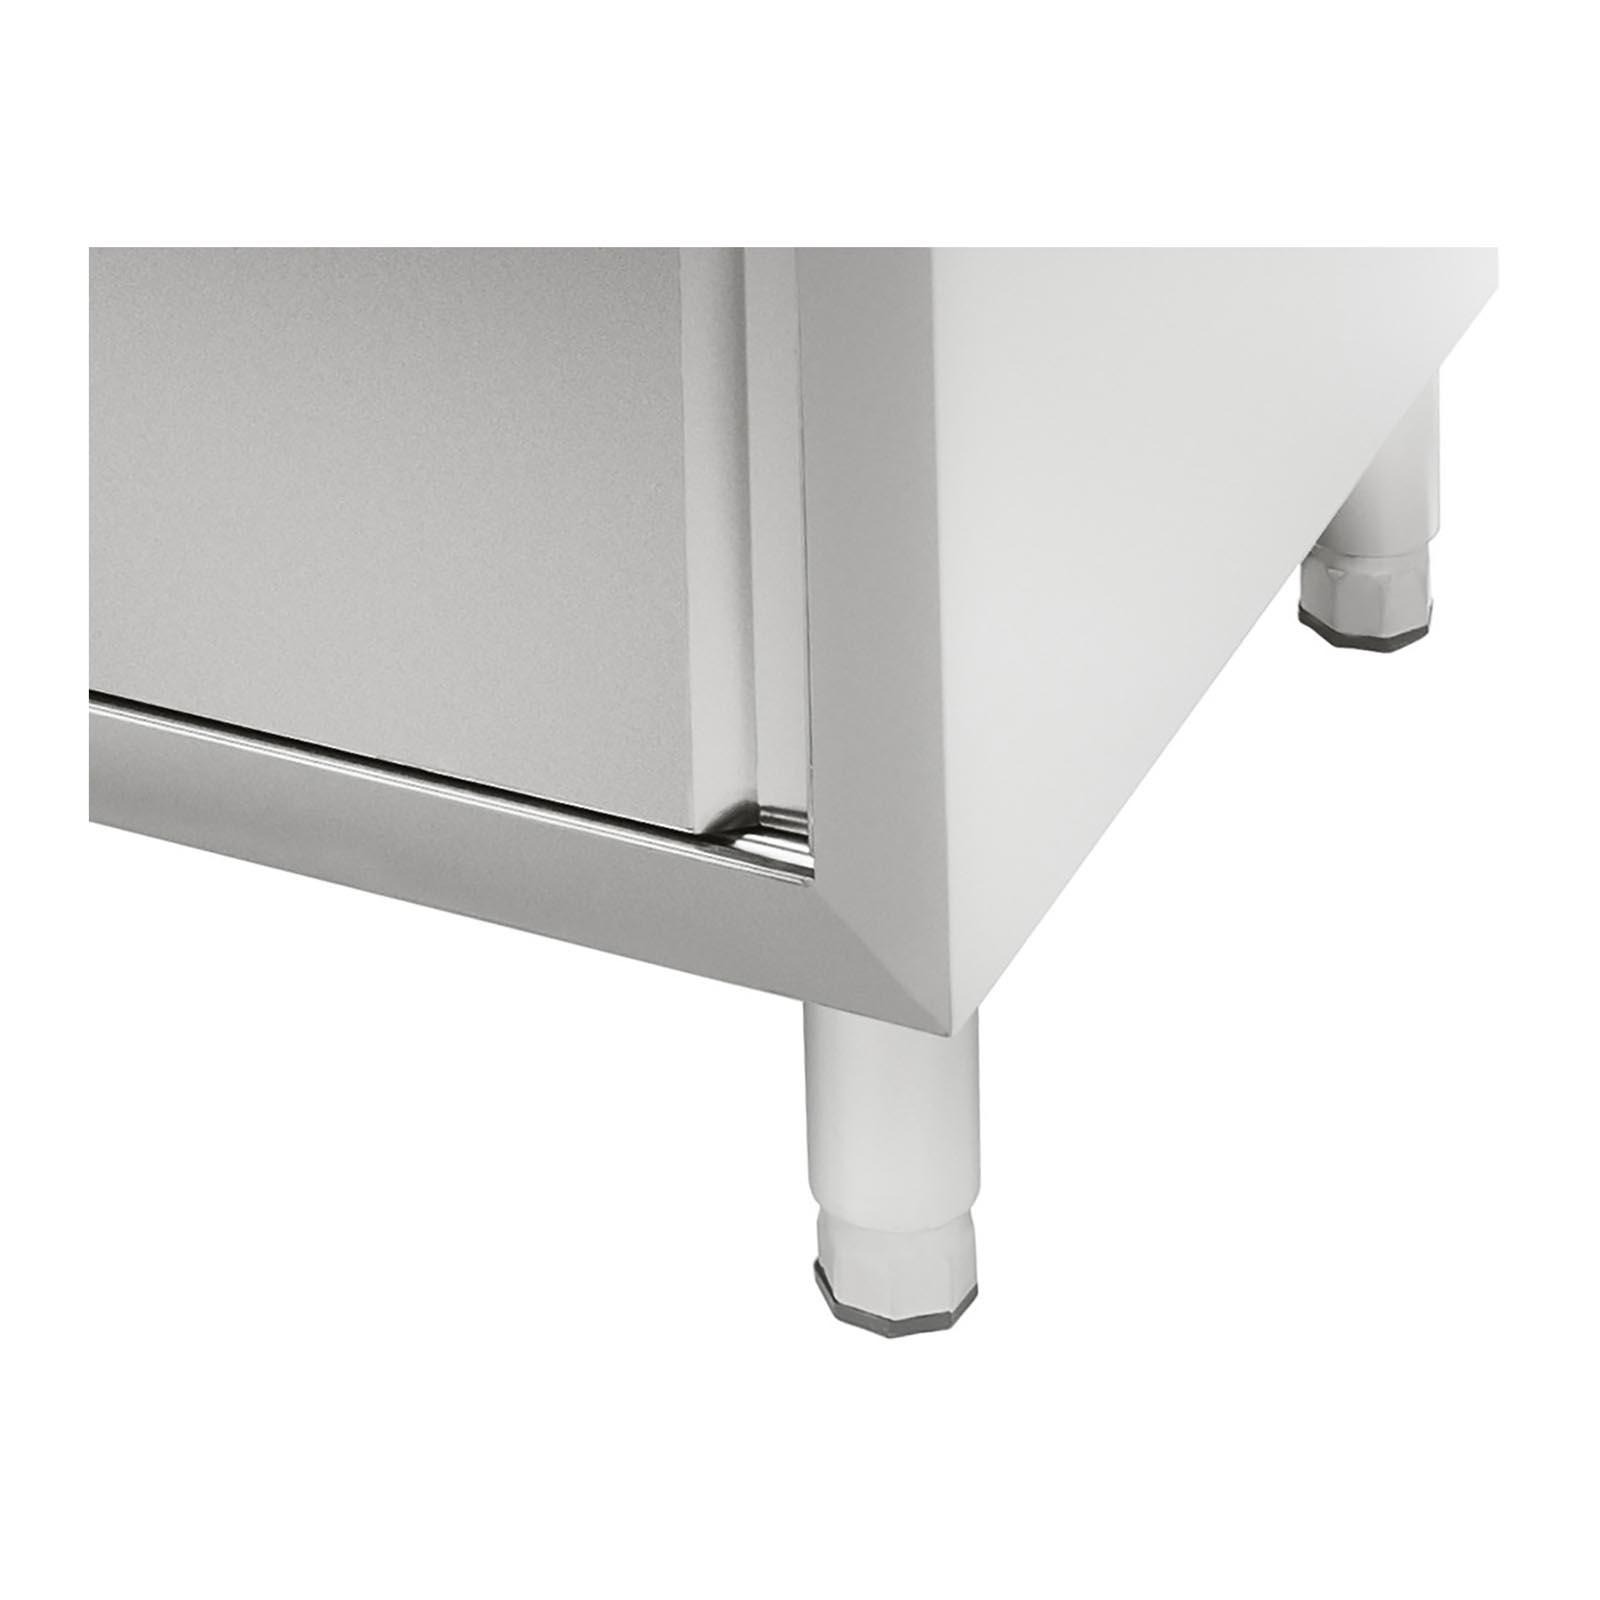 edelstahl doppel sp lschrank k chensp le edelstahlsp ltisch sp le schiebet ren ebay. Black Bedroom Furniture Sets. Home Design Ideas